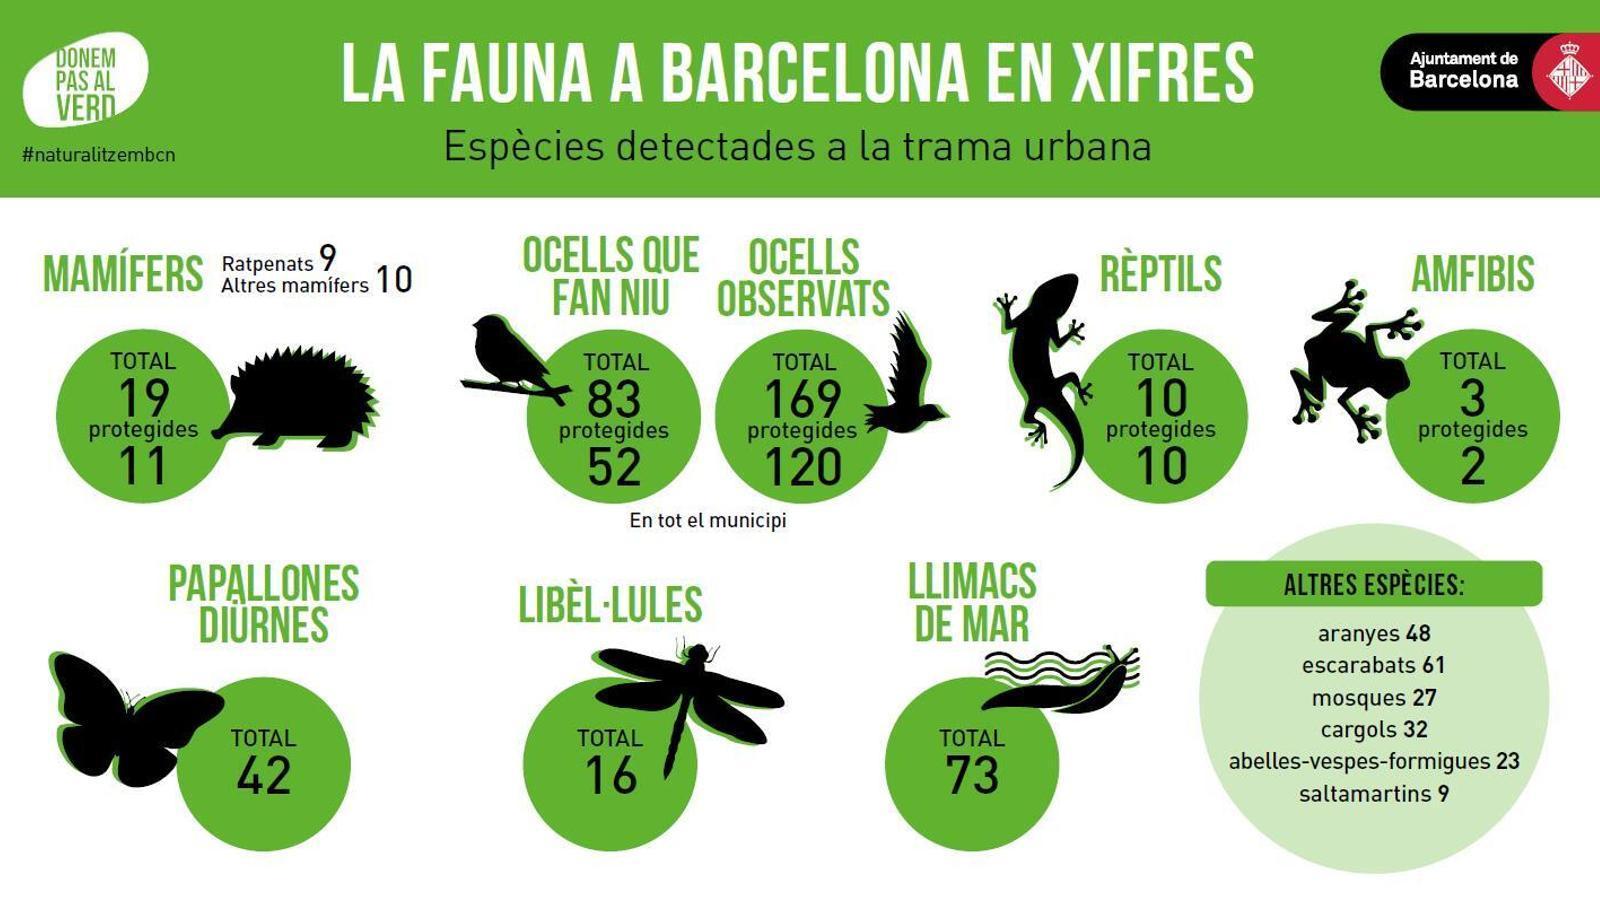 La fauna de Barcelona